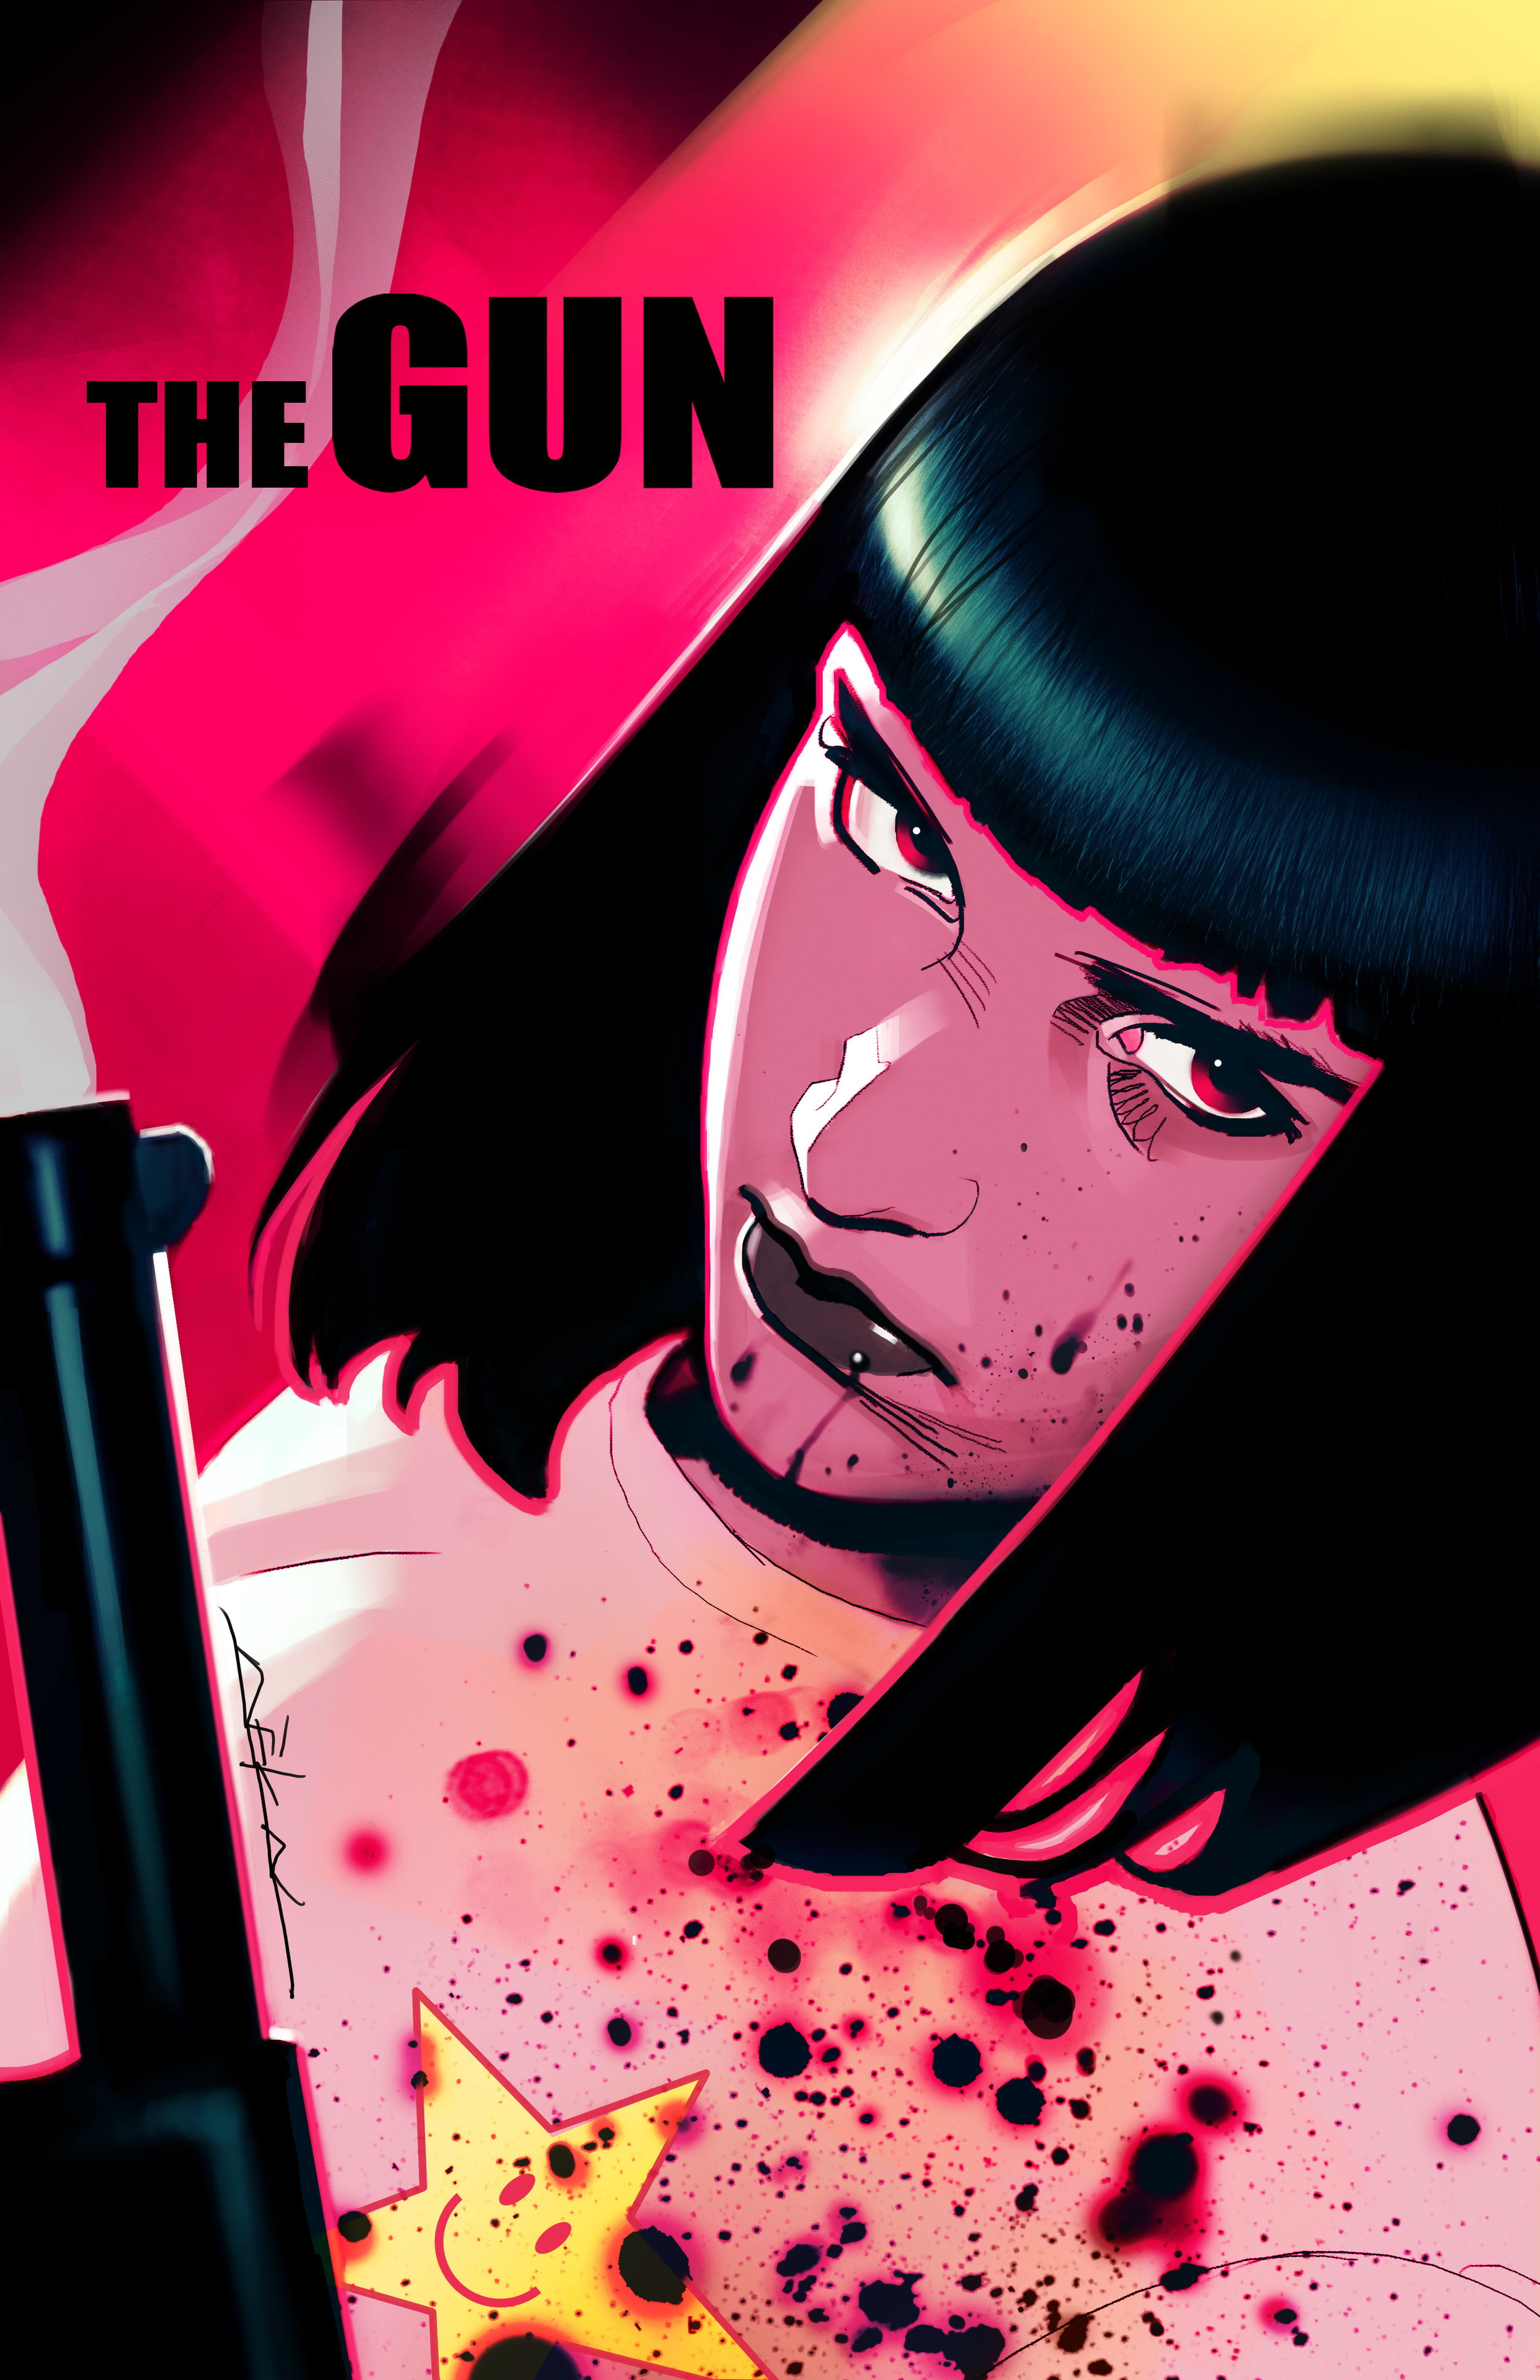 The Gun 2 by Jeff Dekal